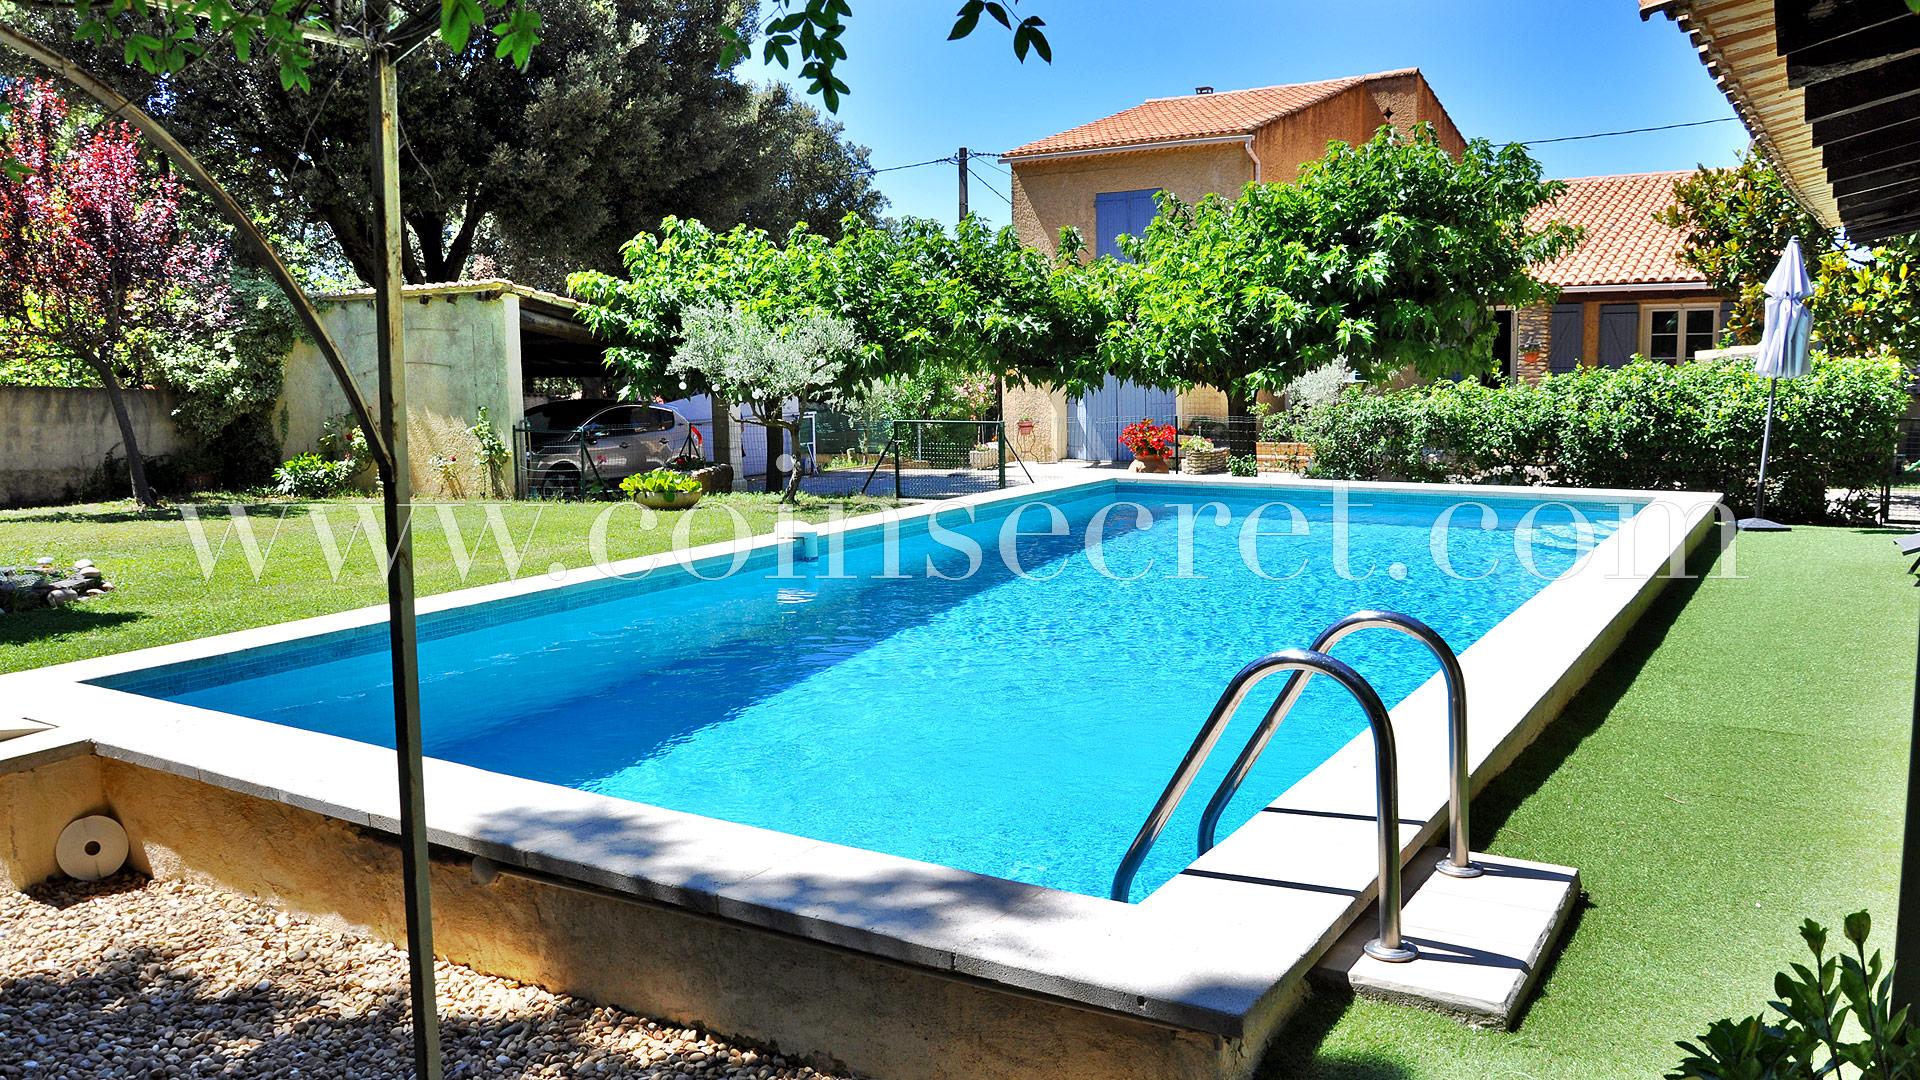 pernes les fontaines vaucluse location villa de vacances 8 personnes avec piscine 1920